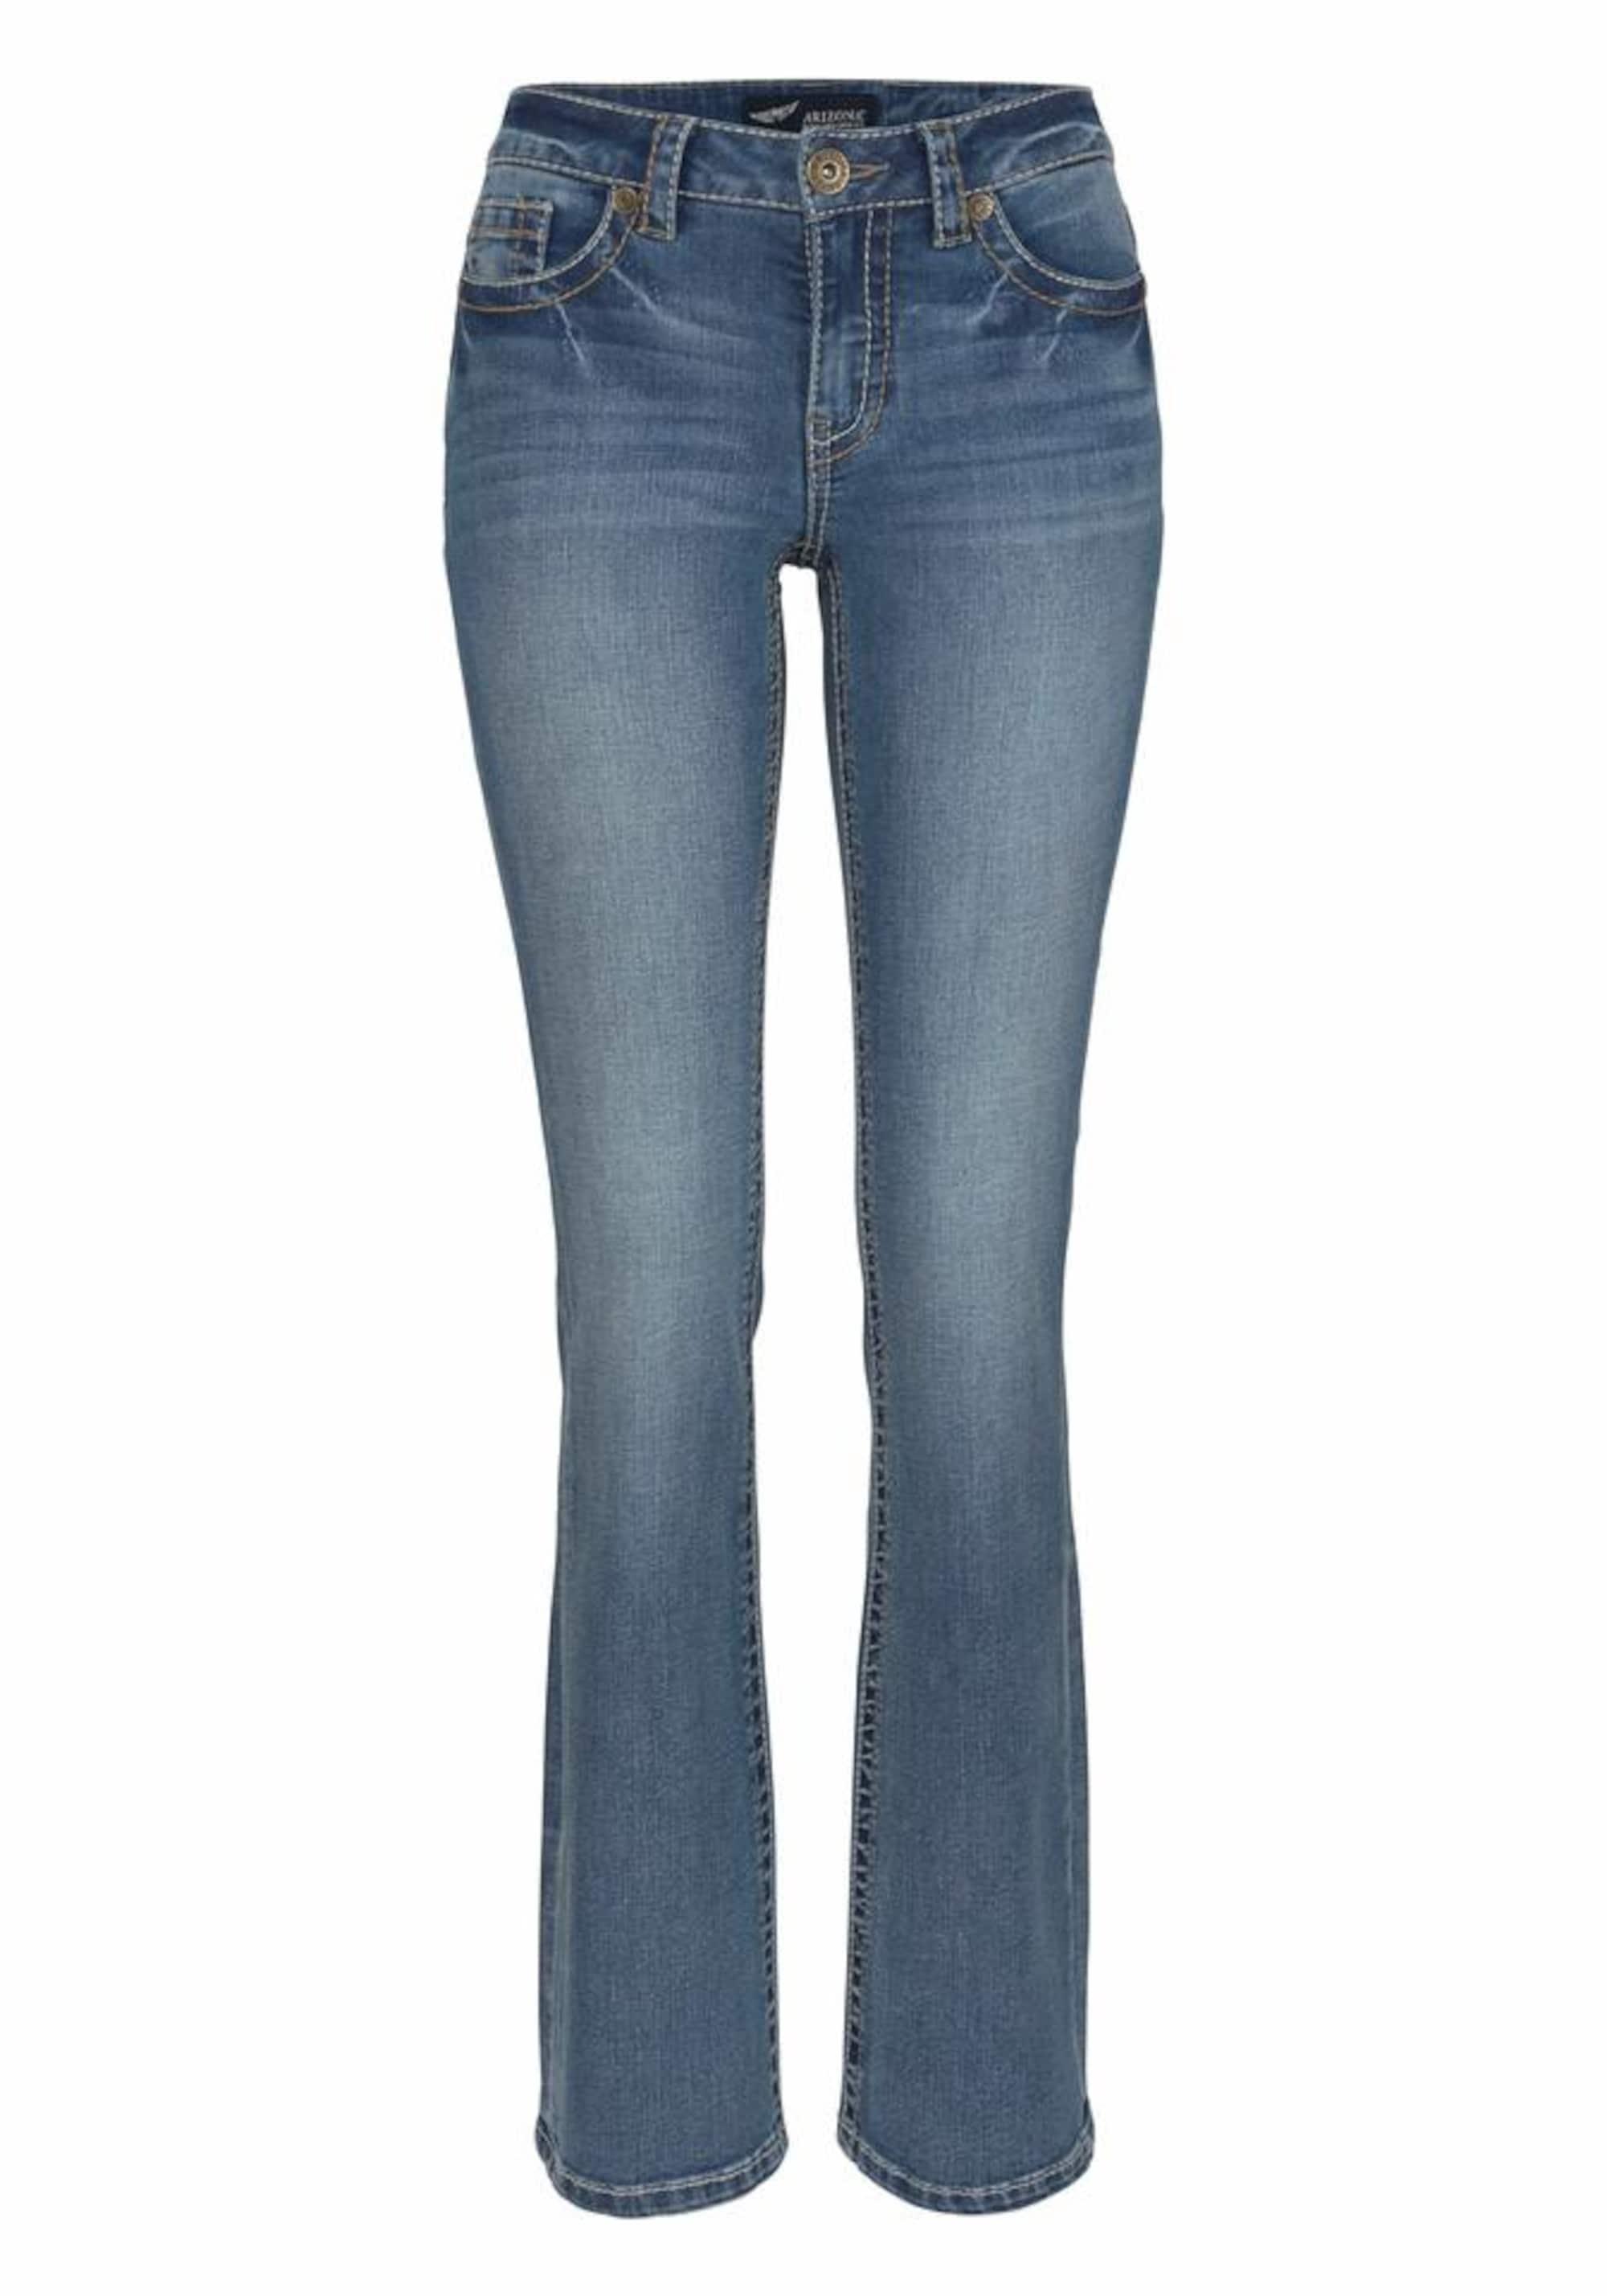 Image of Bootcut-Jeans mit Kontrastnähten und Pattentaschen